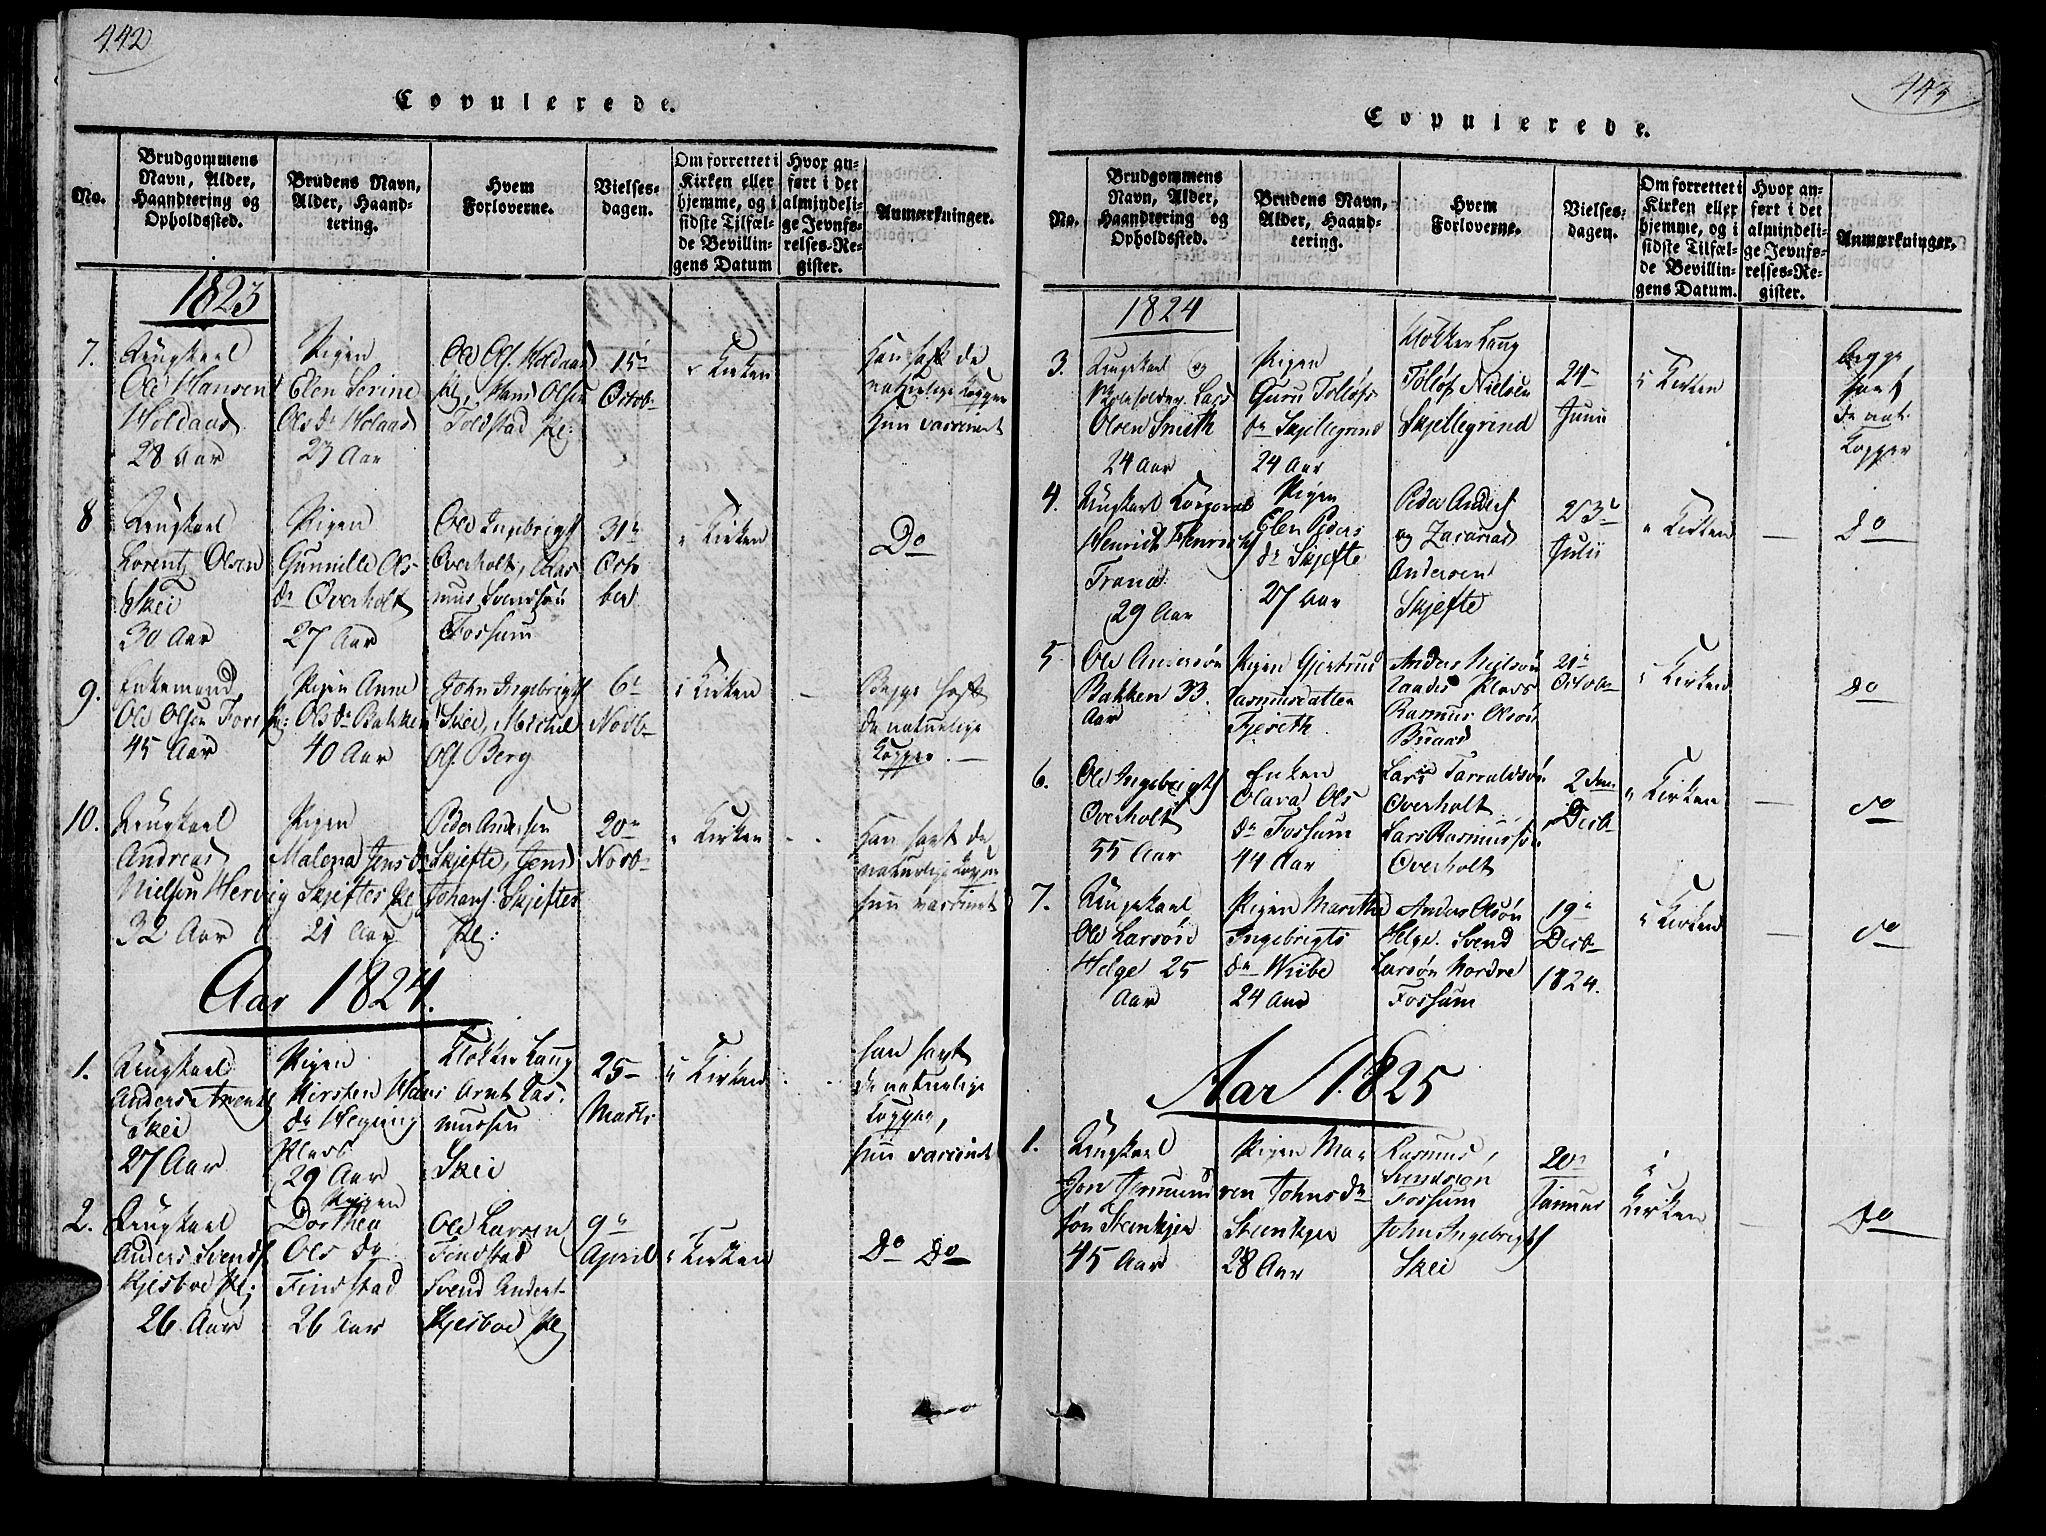 SAT, Ministerialprotokoller, klokkerbøker og fødselsregistre - Nord-Trøndelag, 735/L0333: Ministerialbok nr. 735A04 /2, 1816-1825, s. 442-443